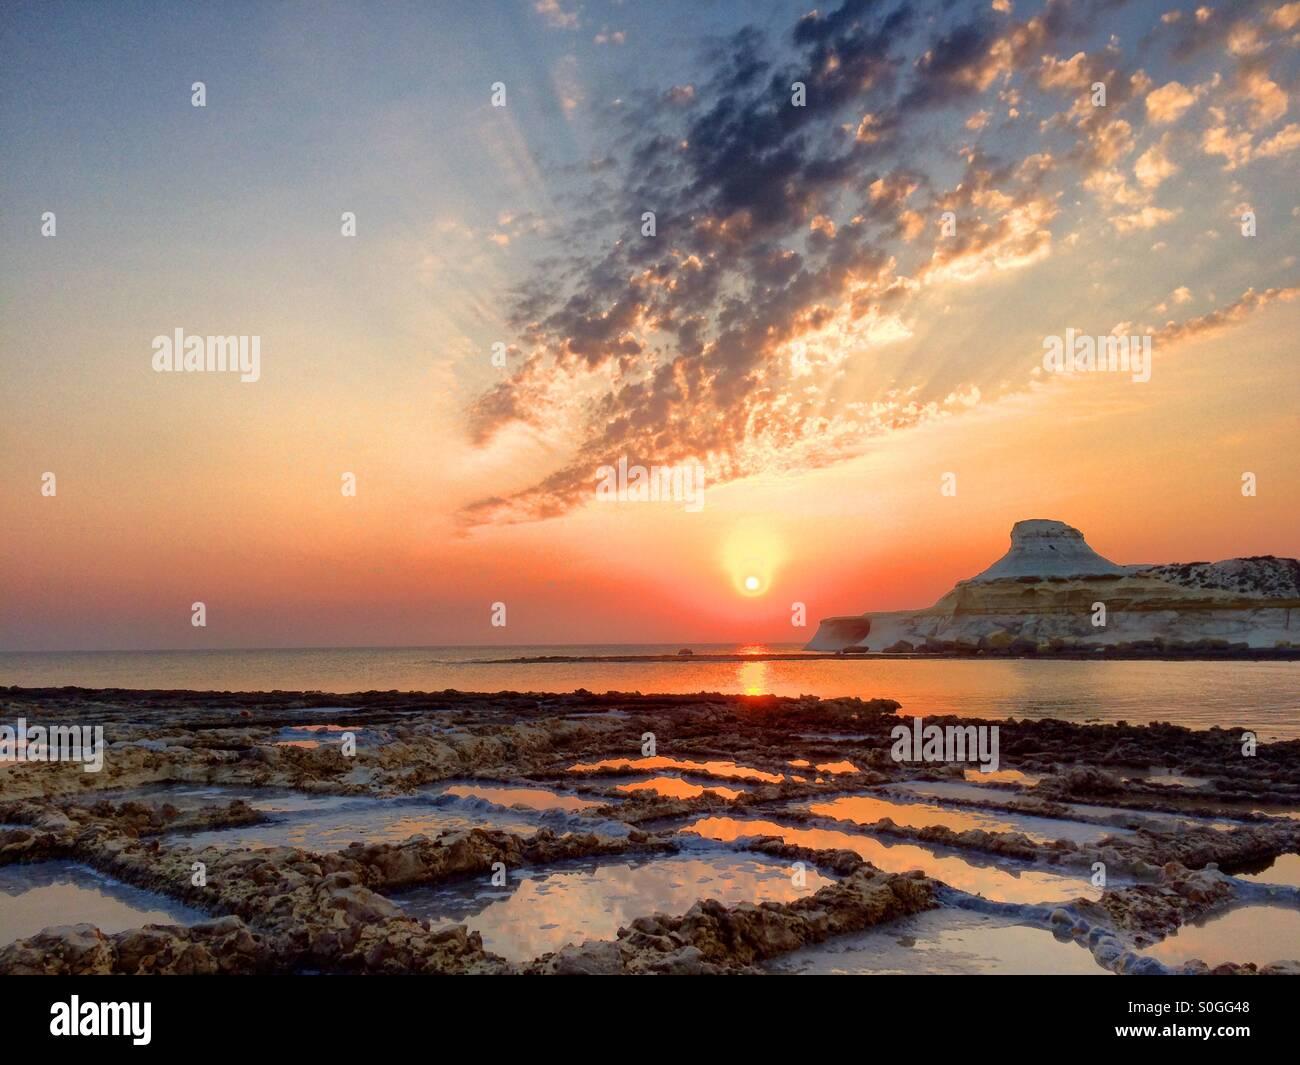 Lever de soleil sur les salines exploitées activement Photo Stock